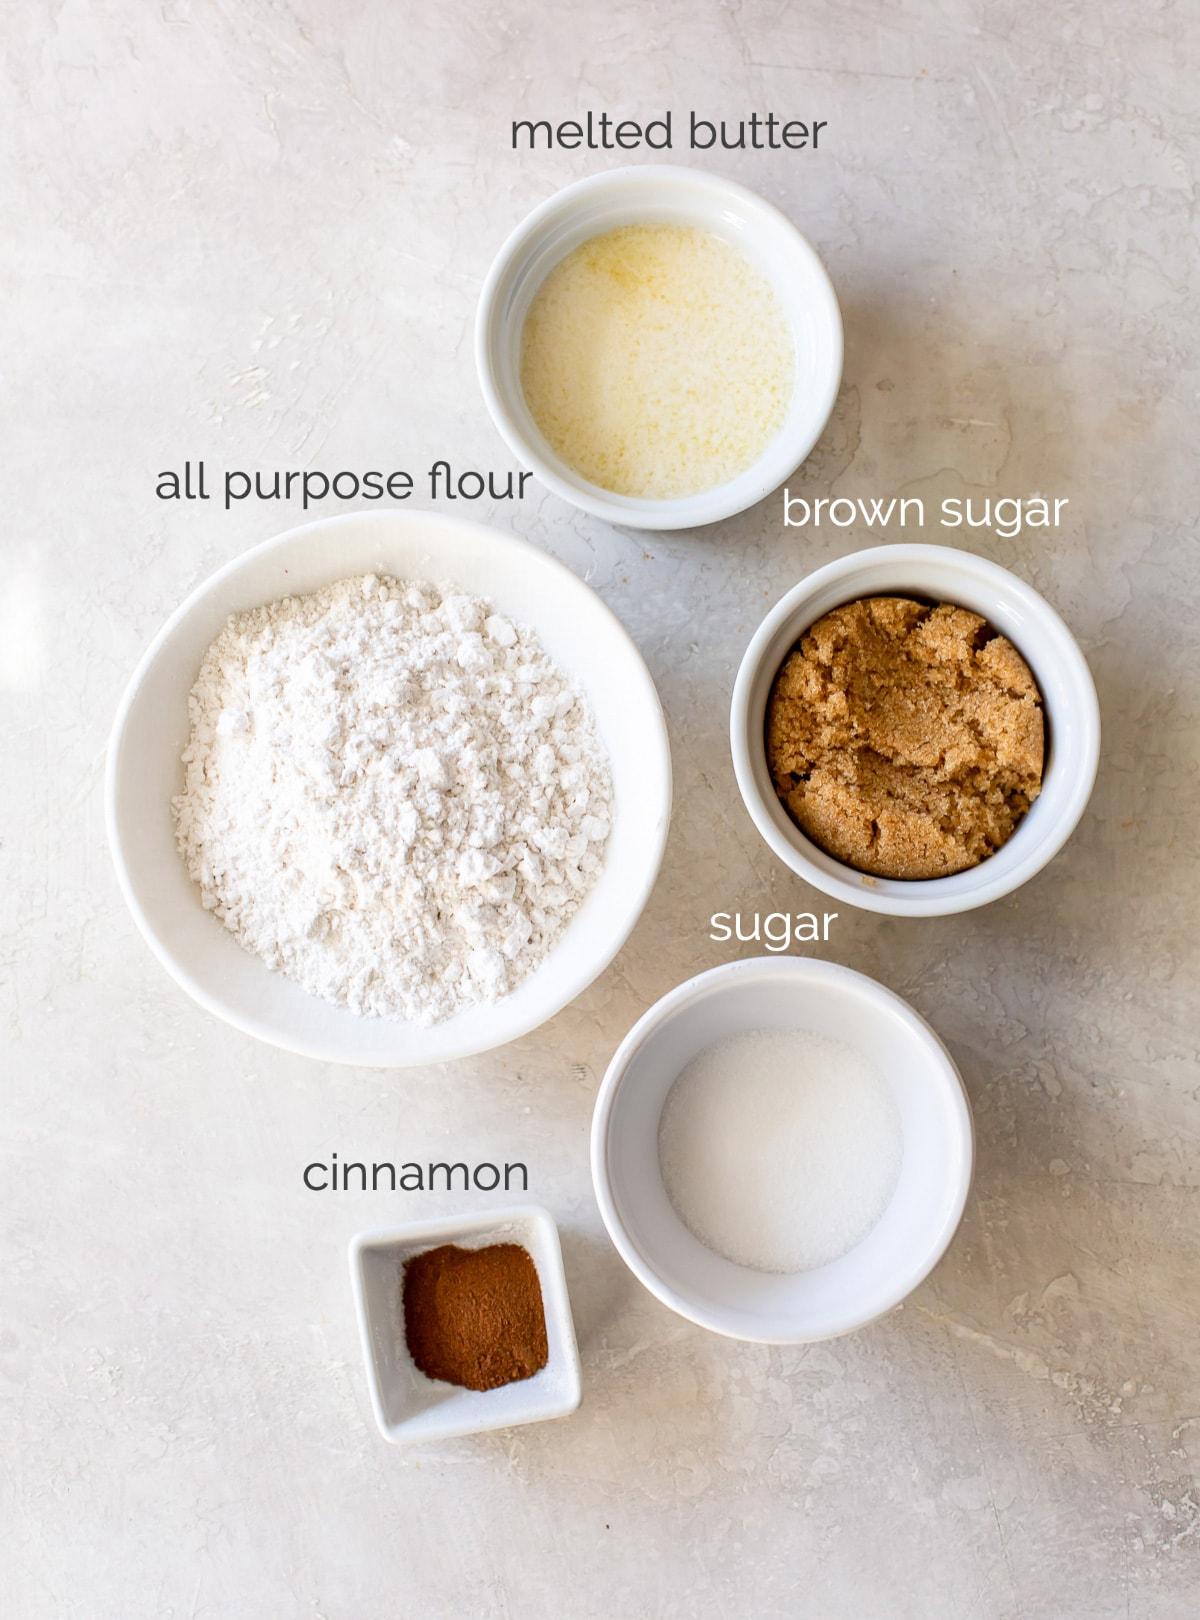 streusel ingredients in bowls